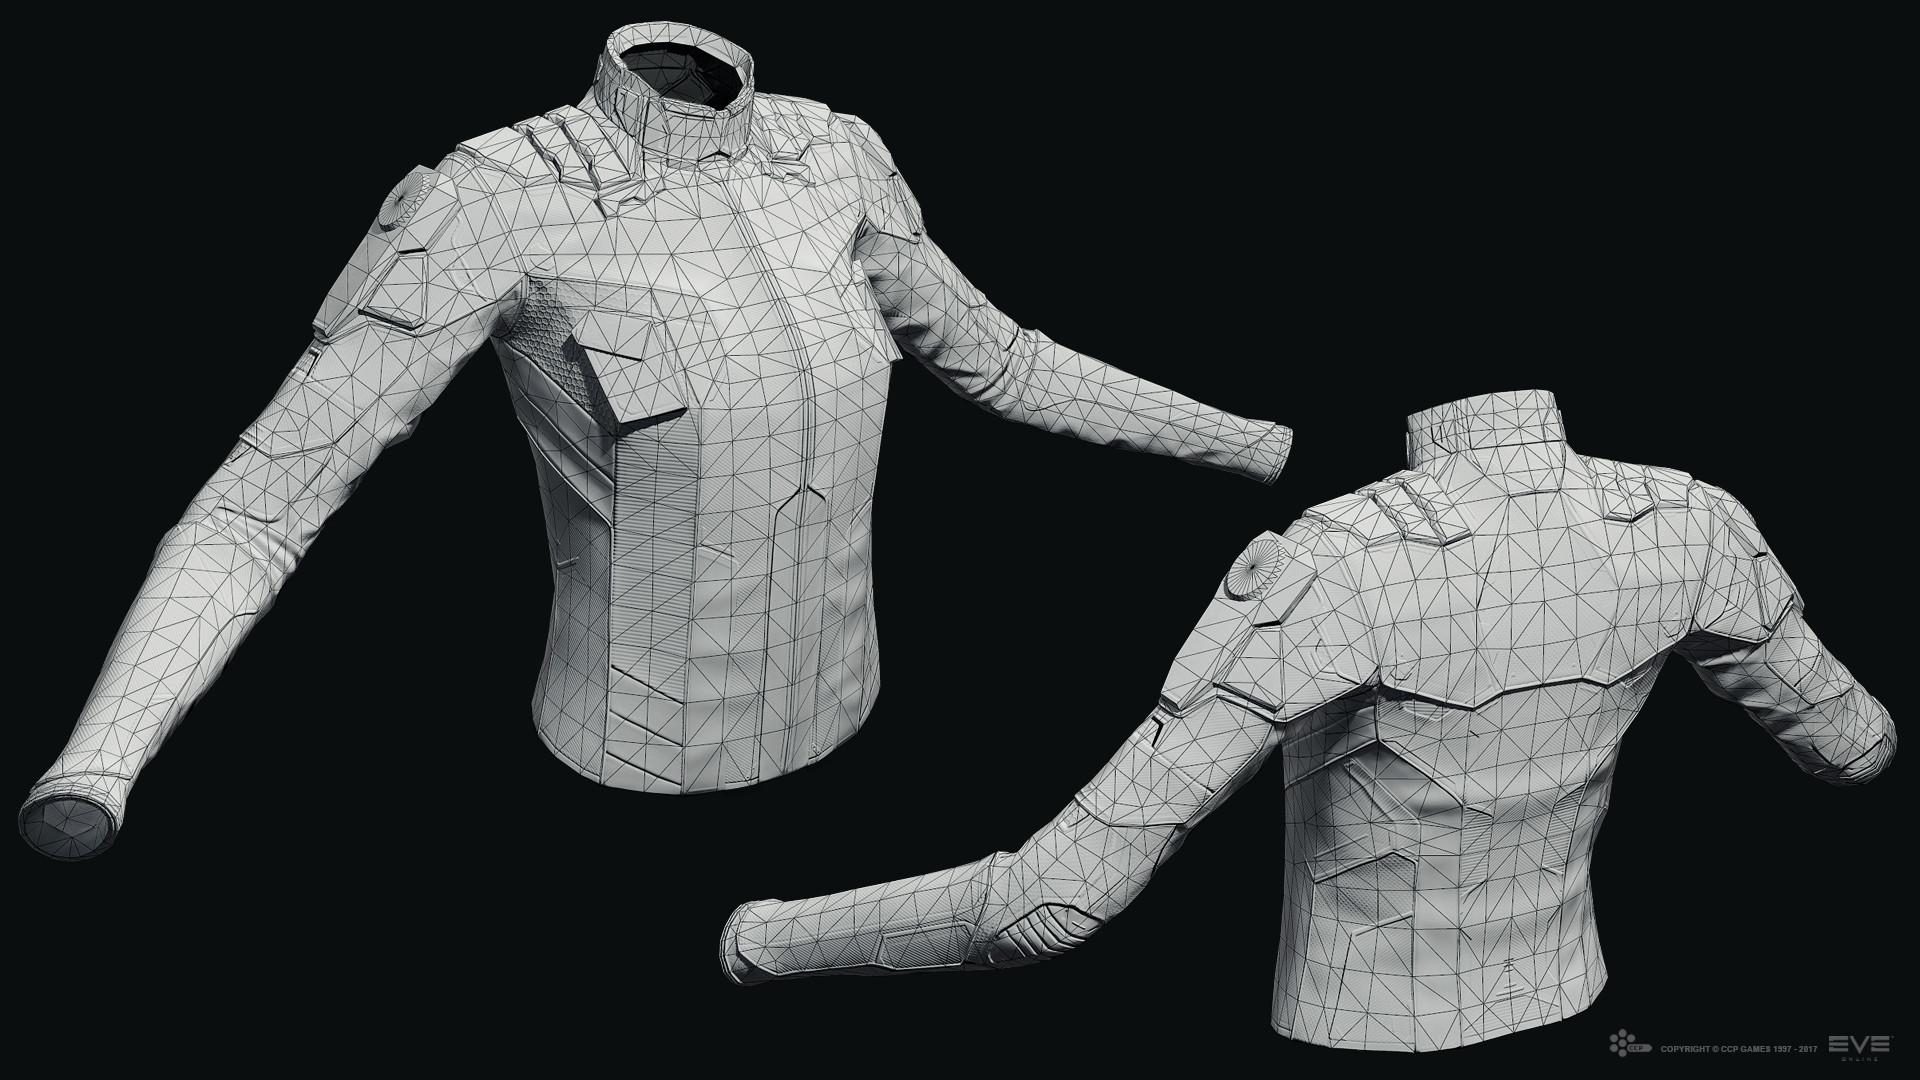 ArtStation - EVE Online - Exploration Suit, Jakob Falkenberg